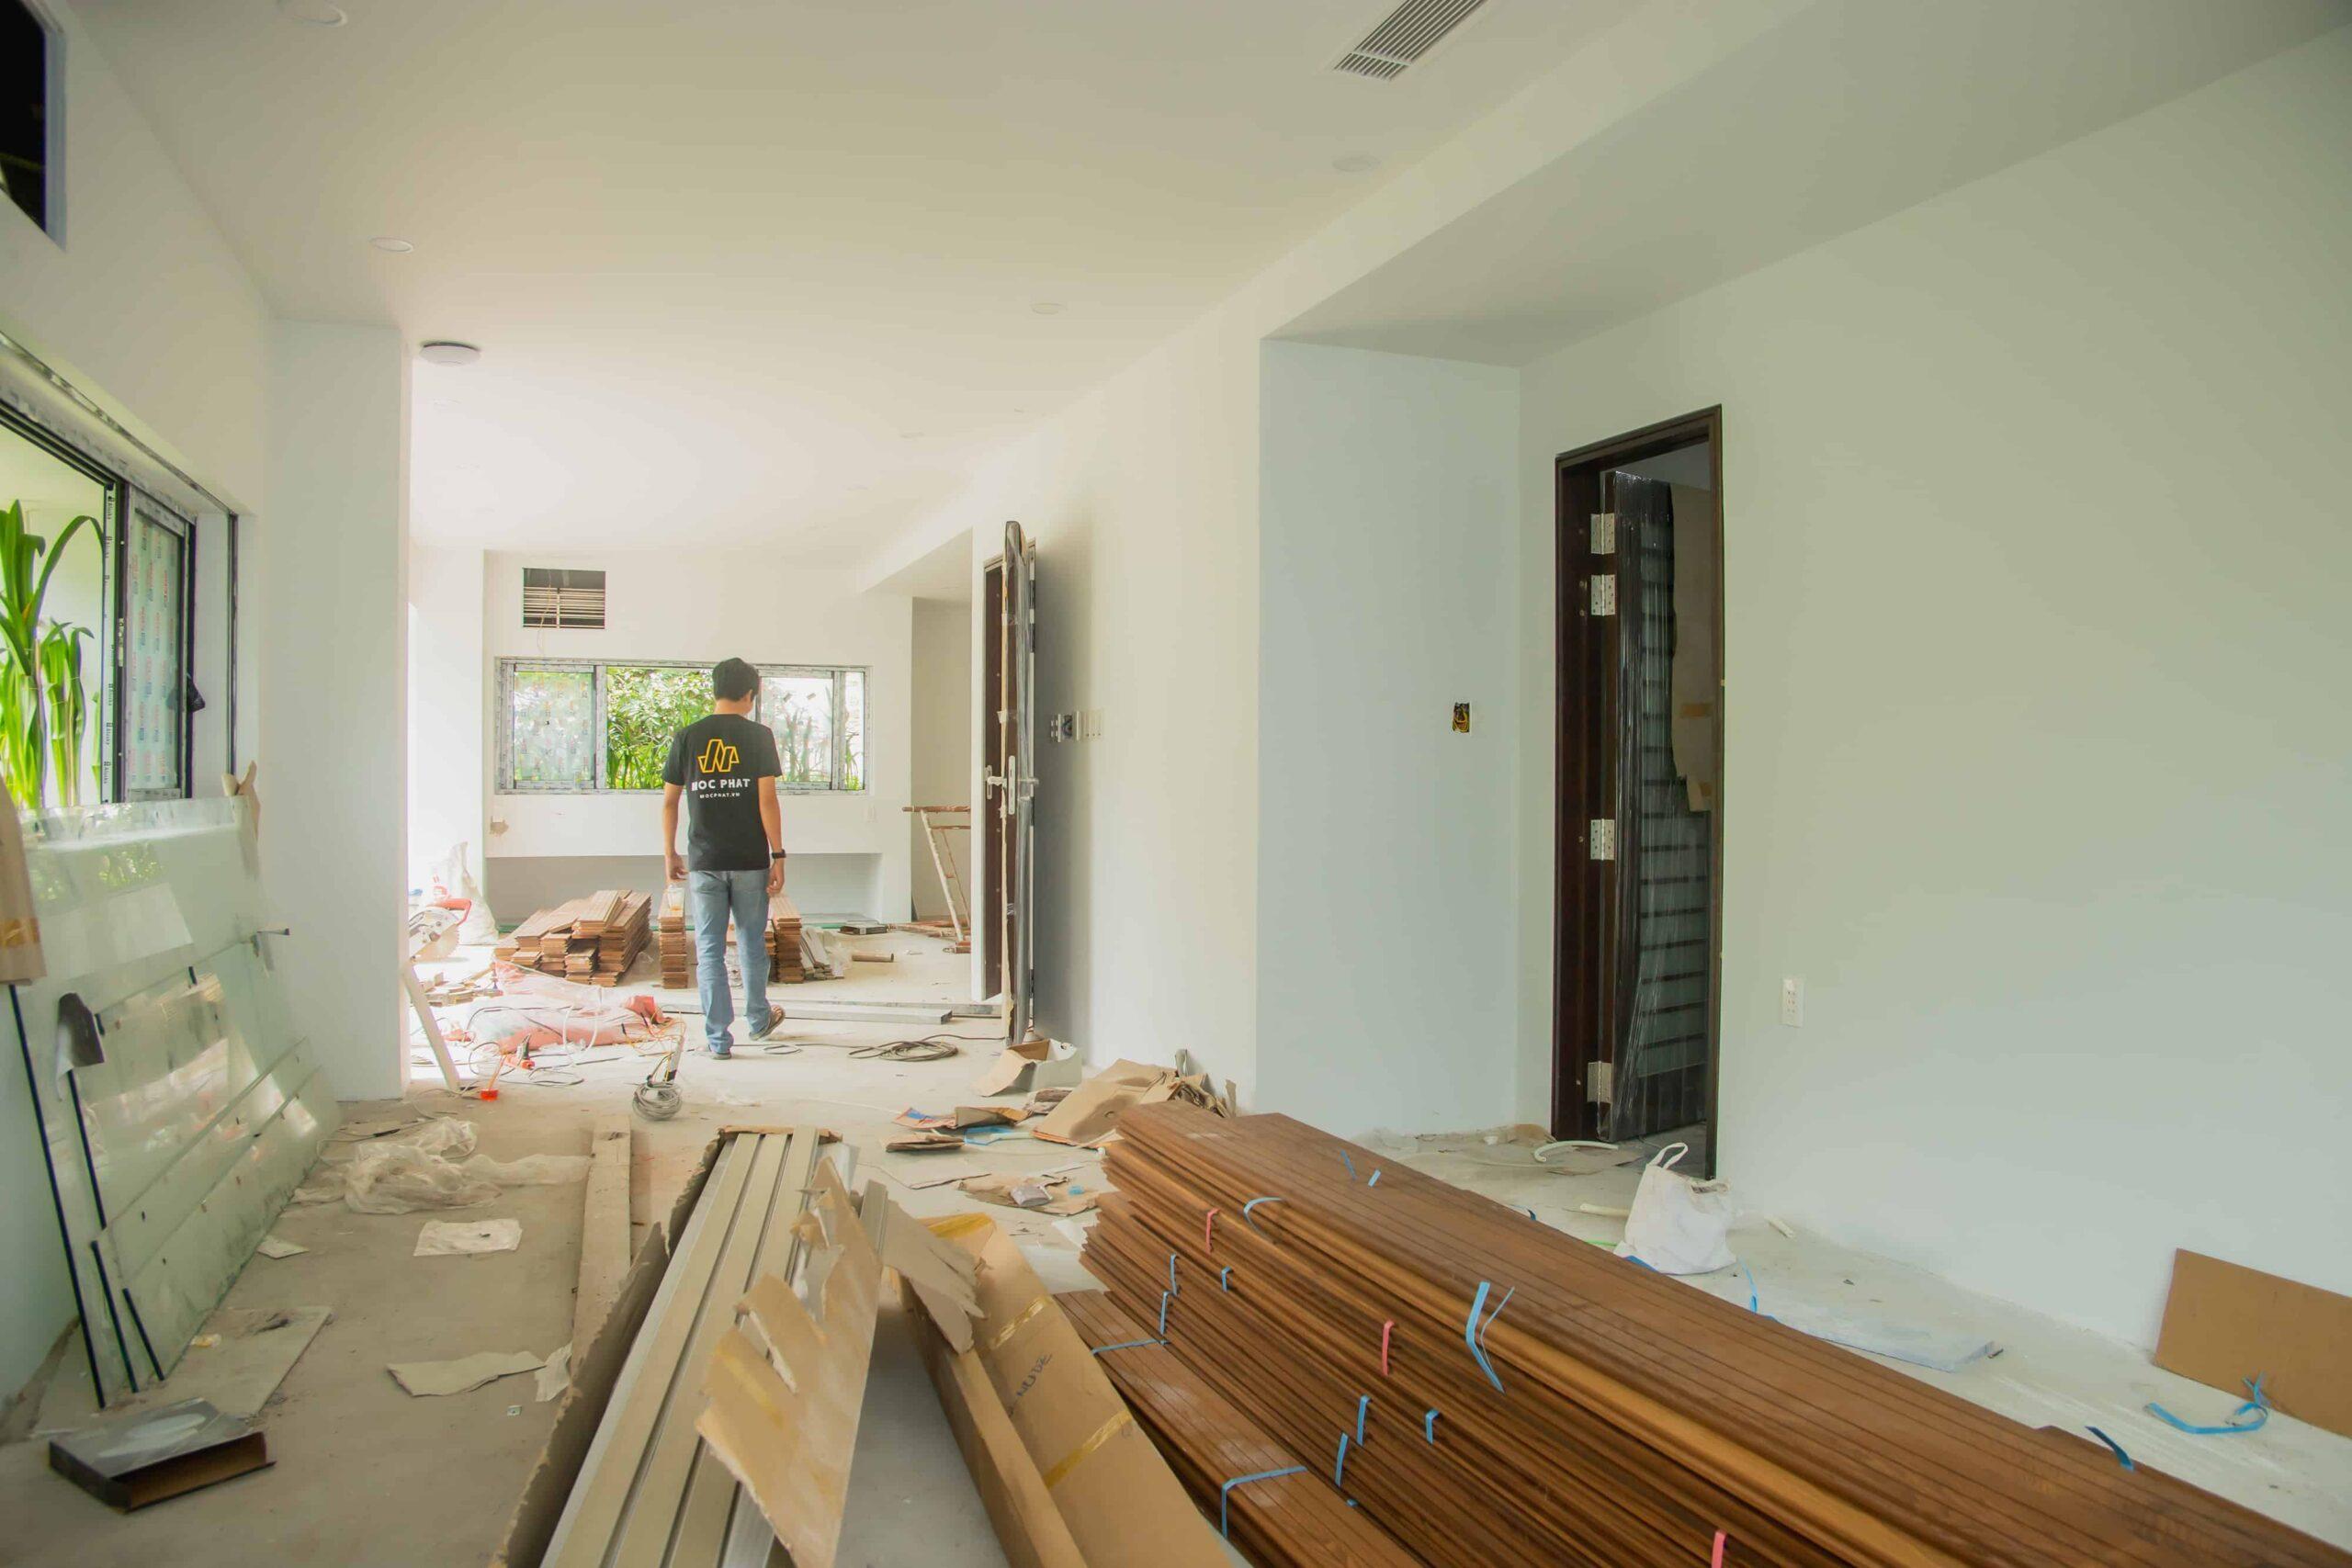 Sàn gỗ tự nhiên cần có thời gian để thích nghi với khí hậu của căn phòng